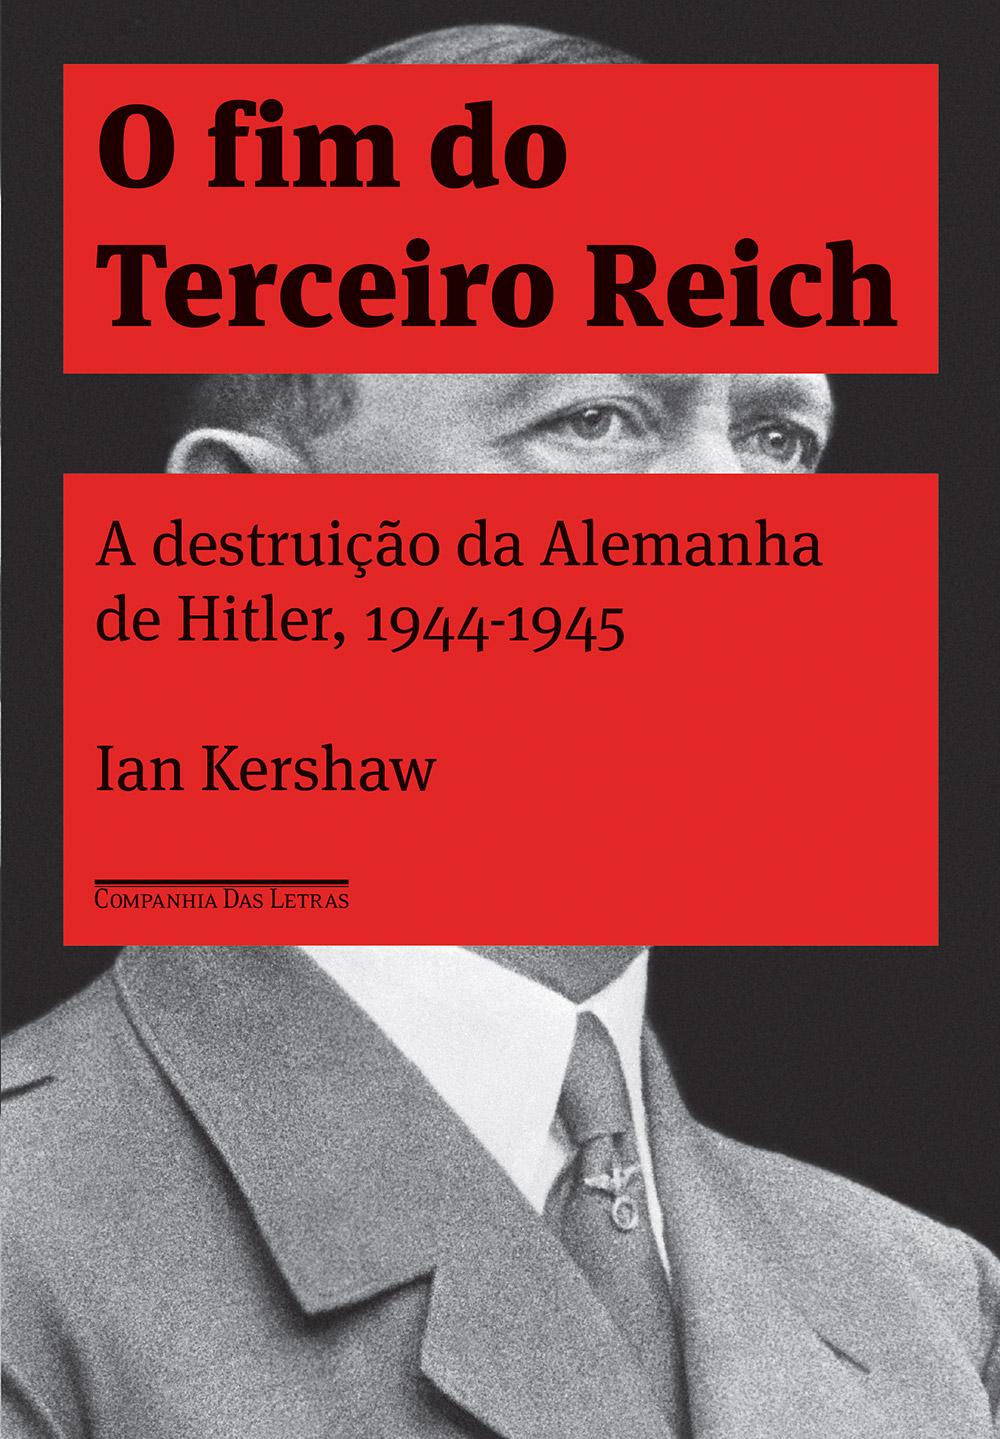 Dois livros sobre o nazismo